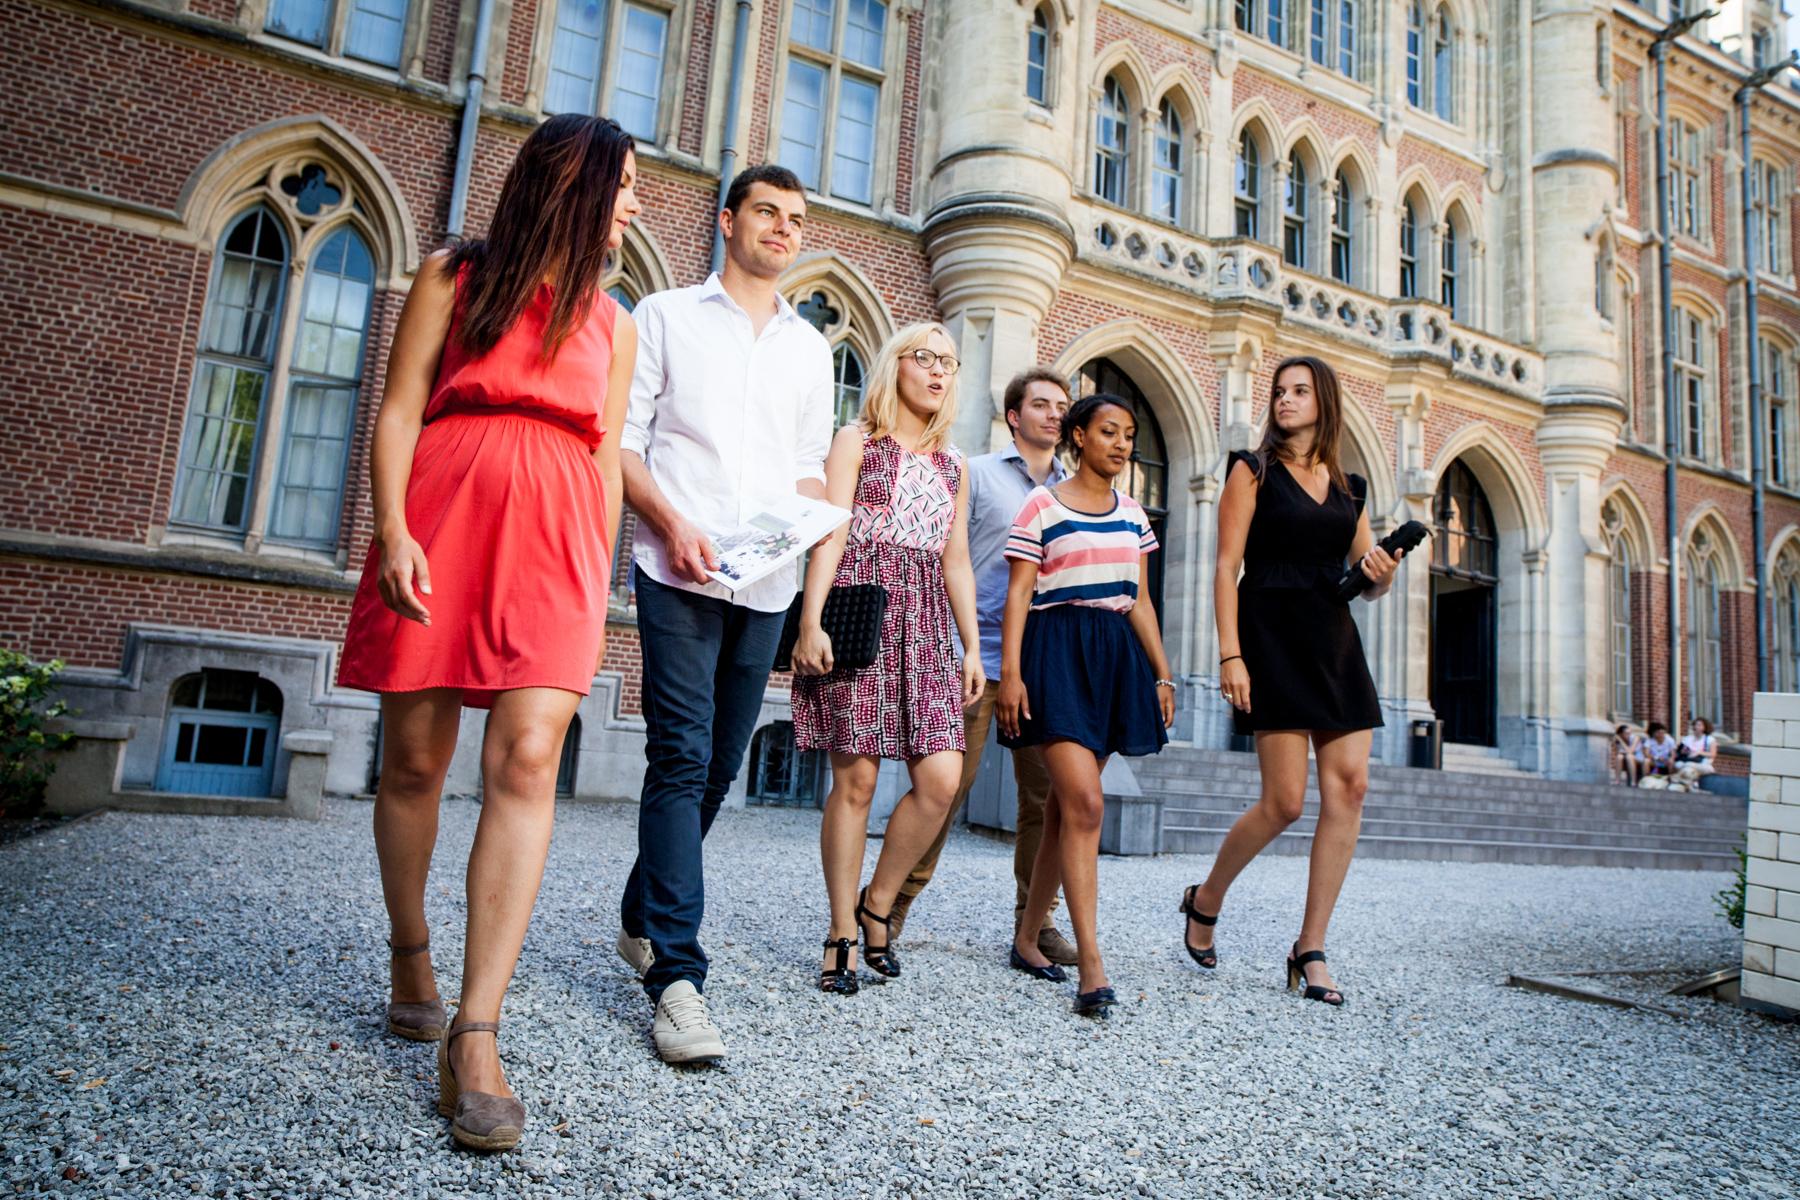 Shooting réalisé en juillet 2015 pour le compte de la communication de la Faculté Libre des sciences Humaines, au sein de la Catho de Lille.